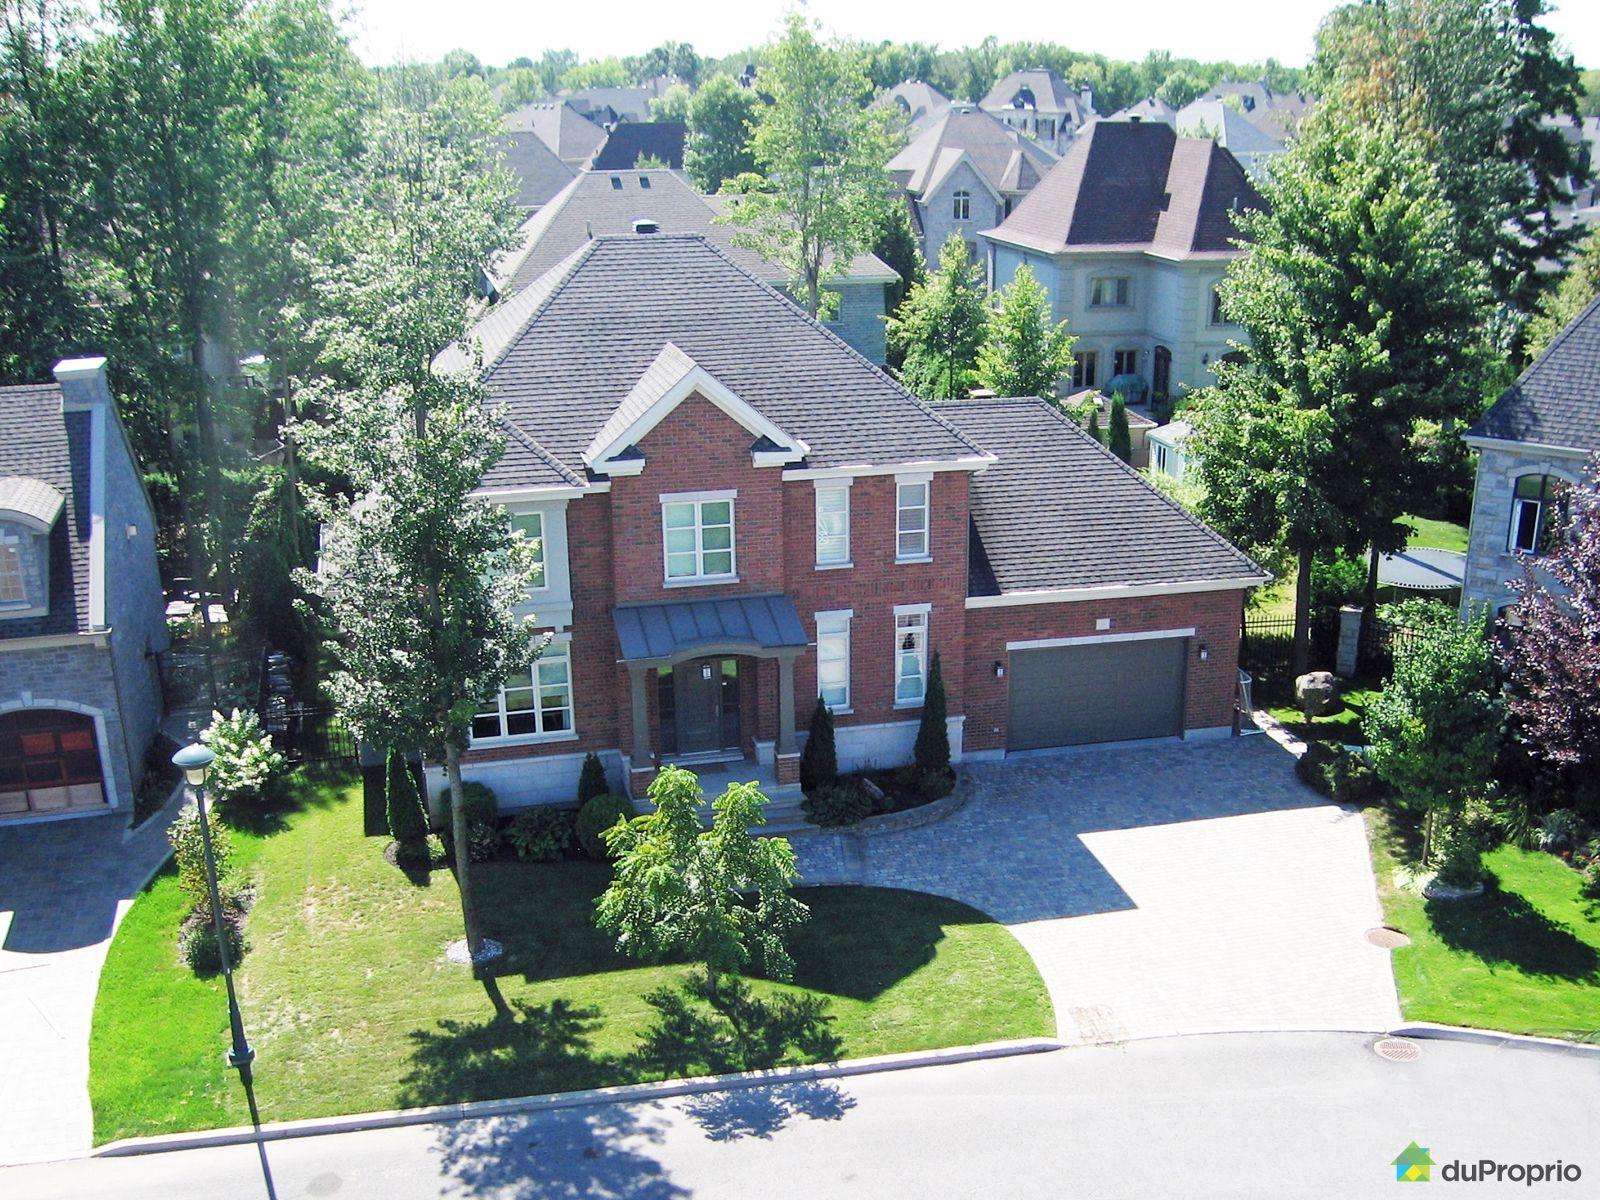 Maison vendre candiac 4 rue de dublin immobilier qu bec duproprio 448131 for Maison moderne a vendre candiac